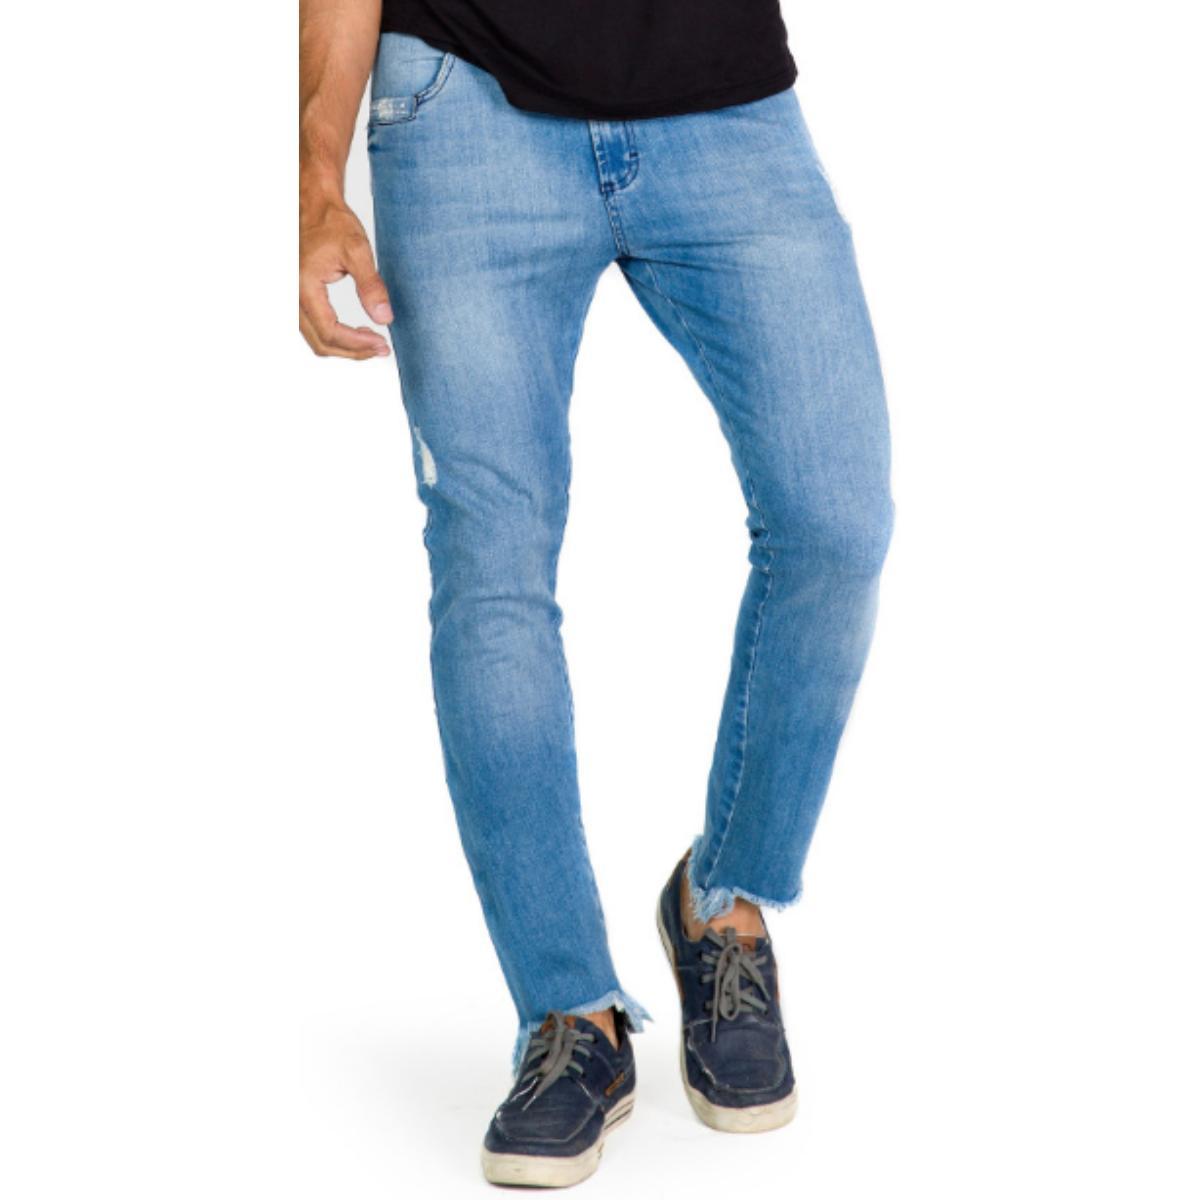 Calça Masculina Index 01.01.004694 Jeans